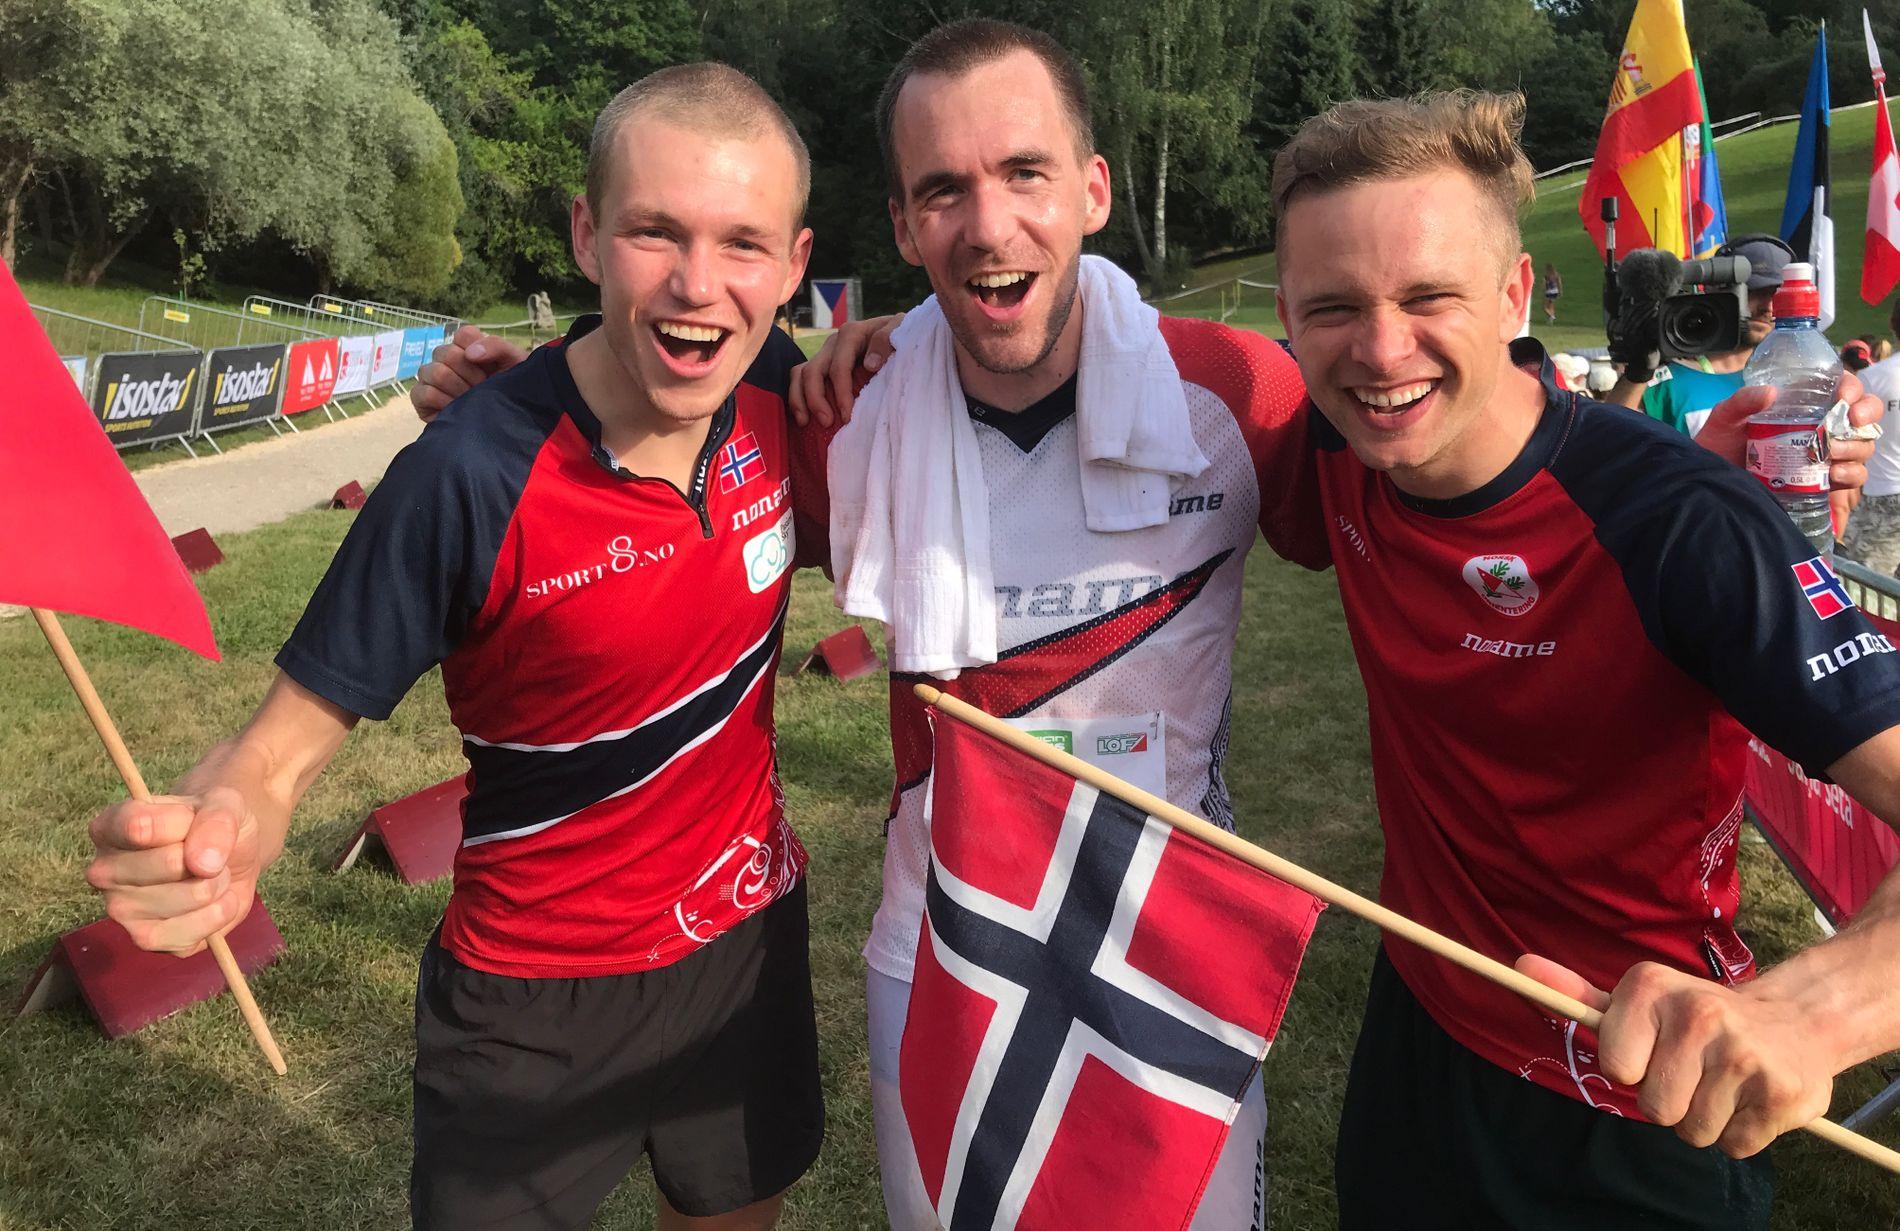 GULLTRIO: Gaute Hallan Steiwer (th) løp først etappe, Eskil Kinneberg (tv) løp andre etappe og Magne Dæhli hadde ankeretappen i VM torsdag.